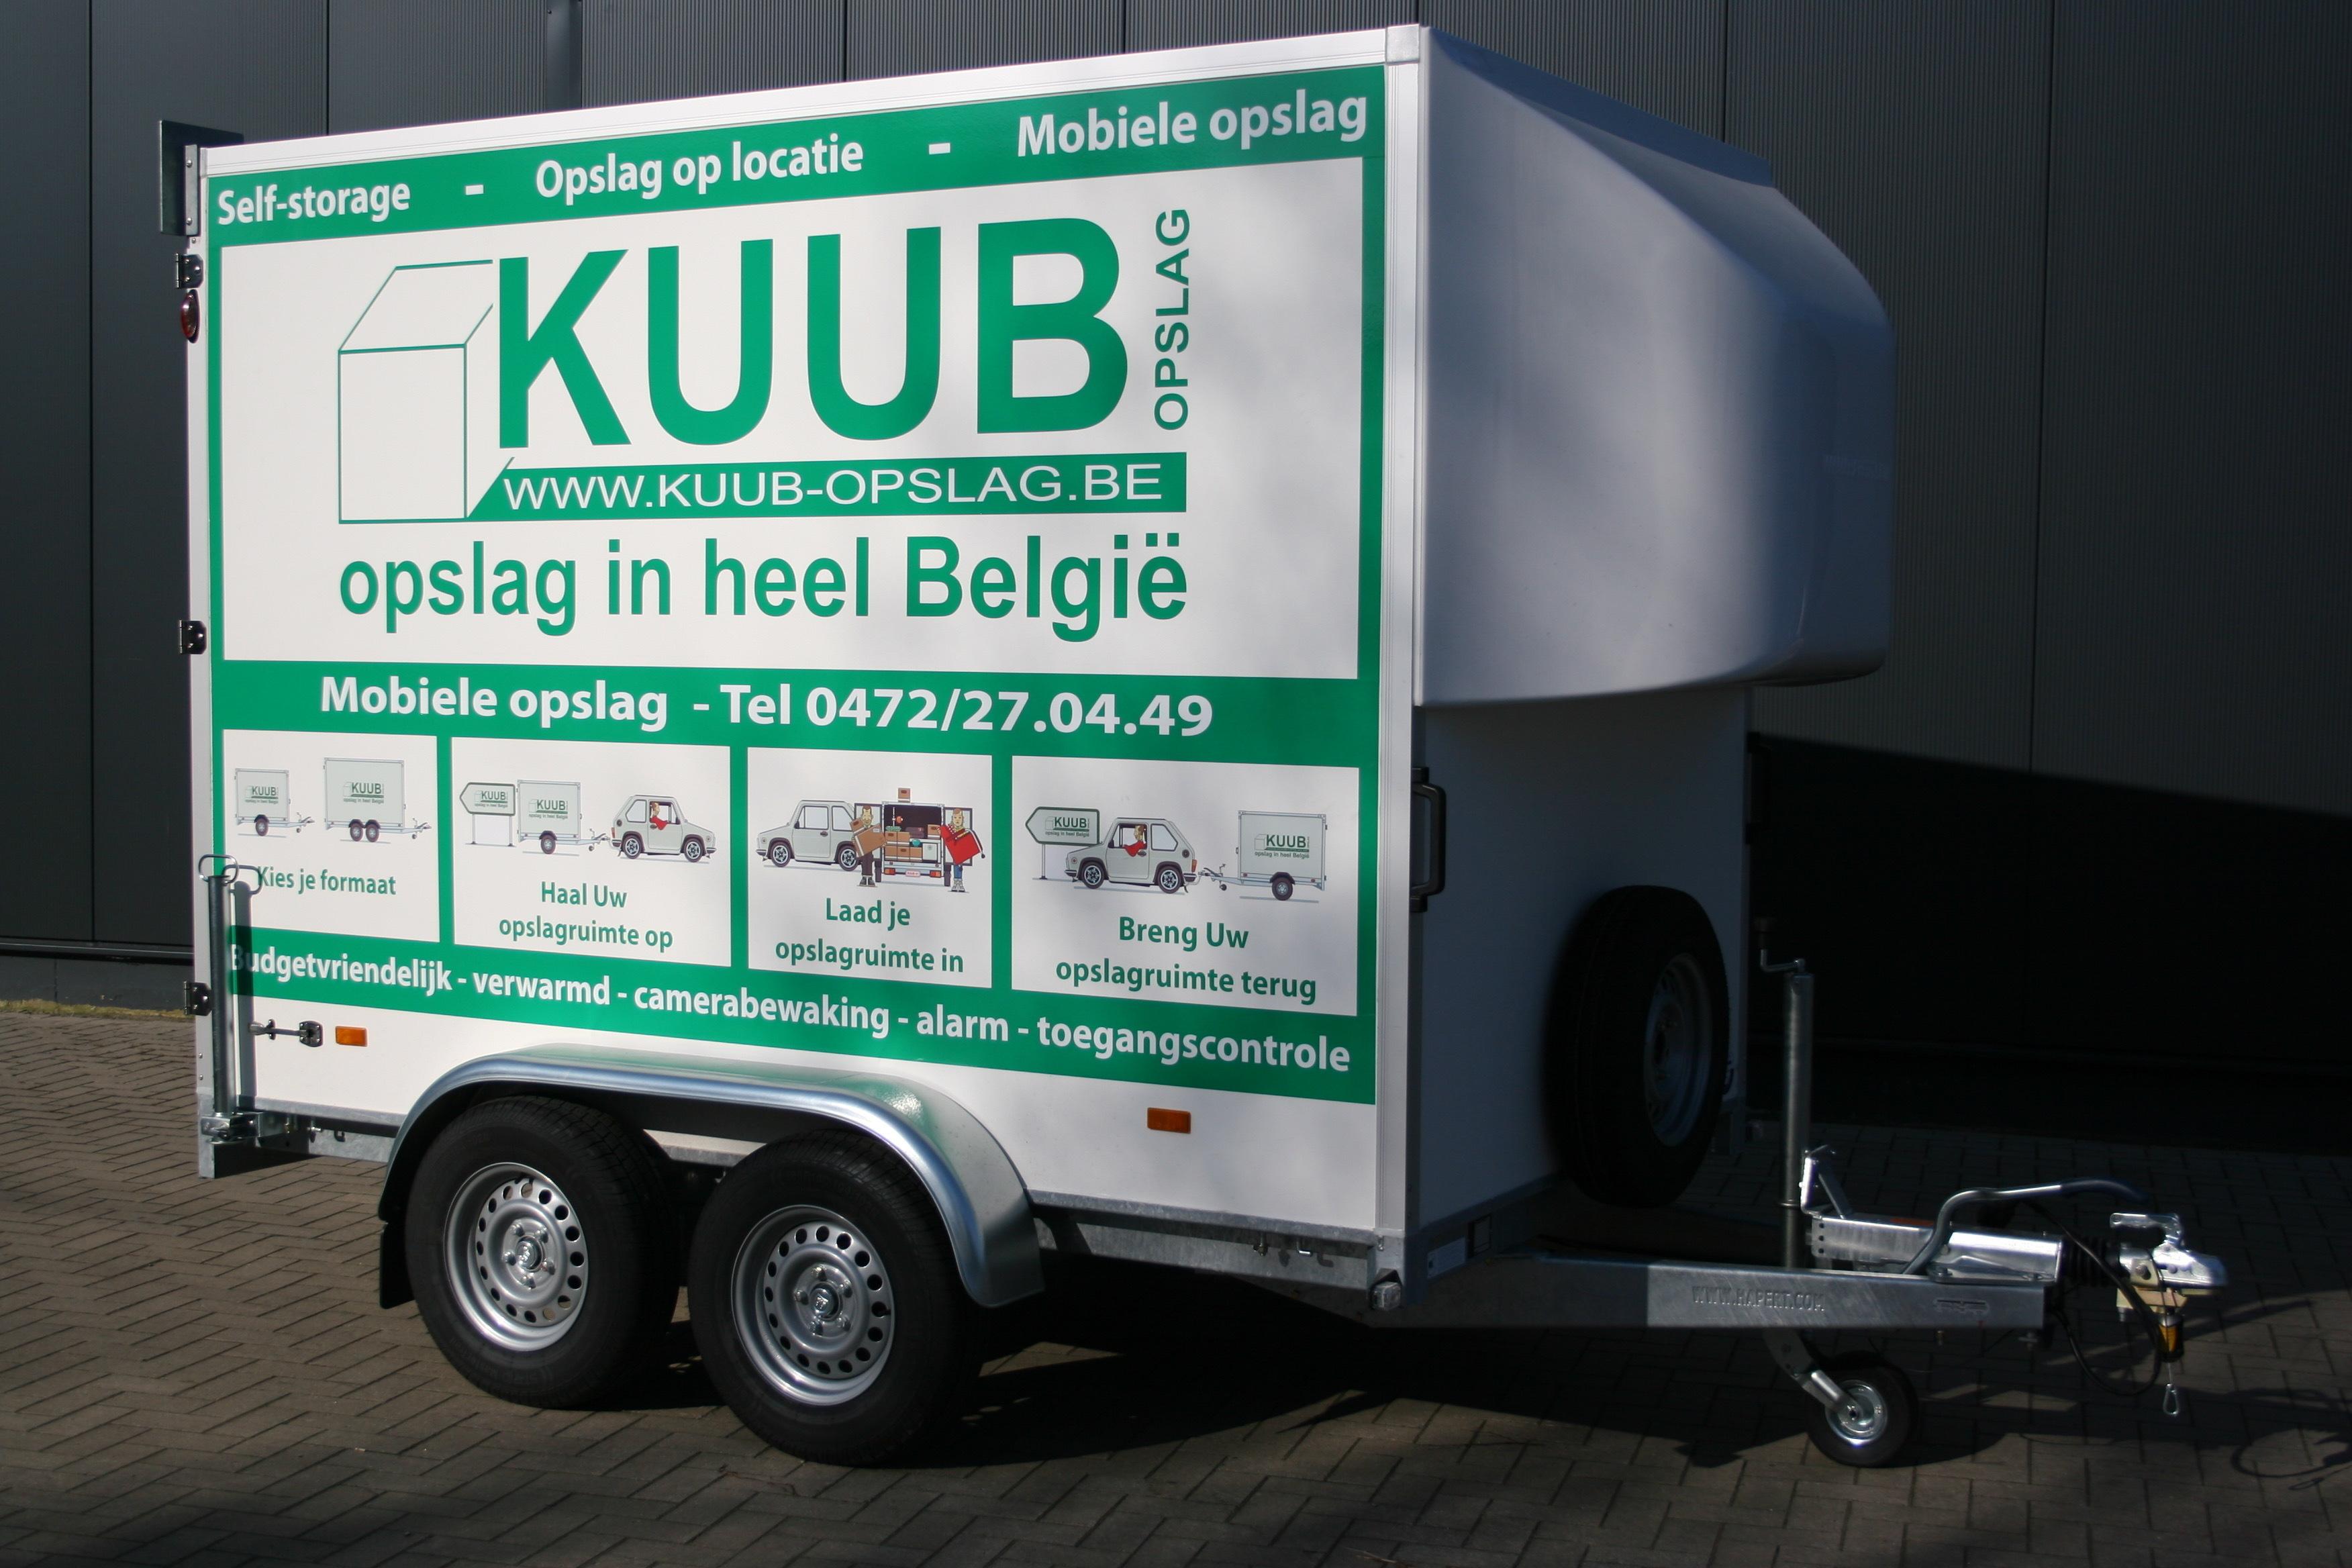 Mobiele Opslagruimte van Kuub is ook beschikbaar in 8 kubieke meter